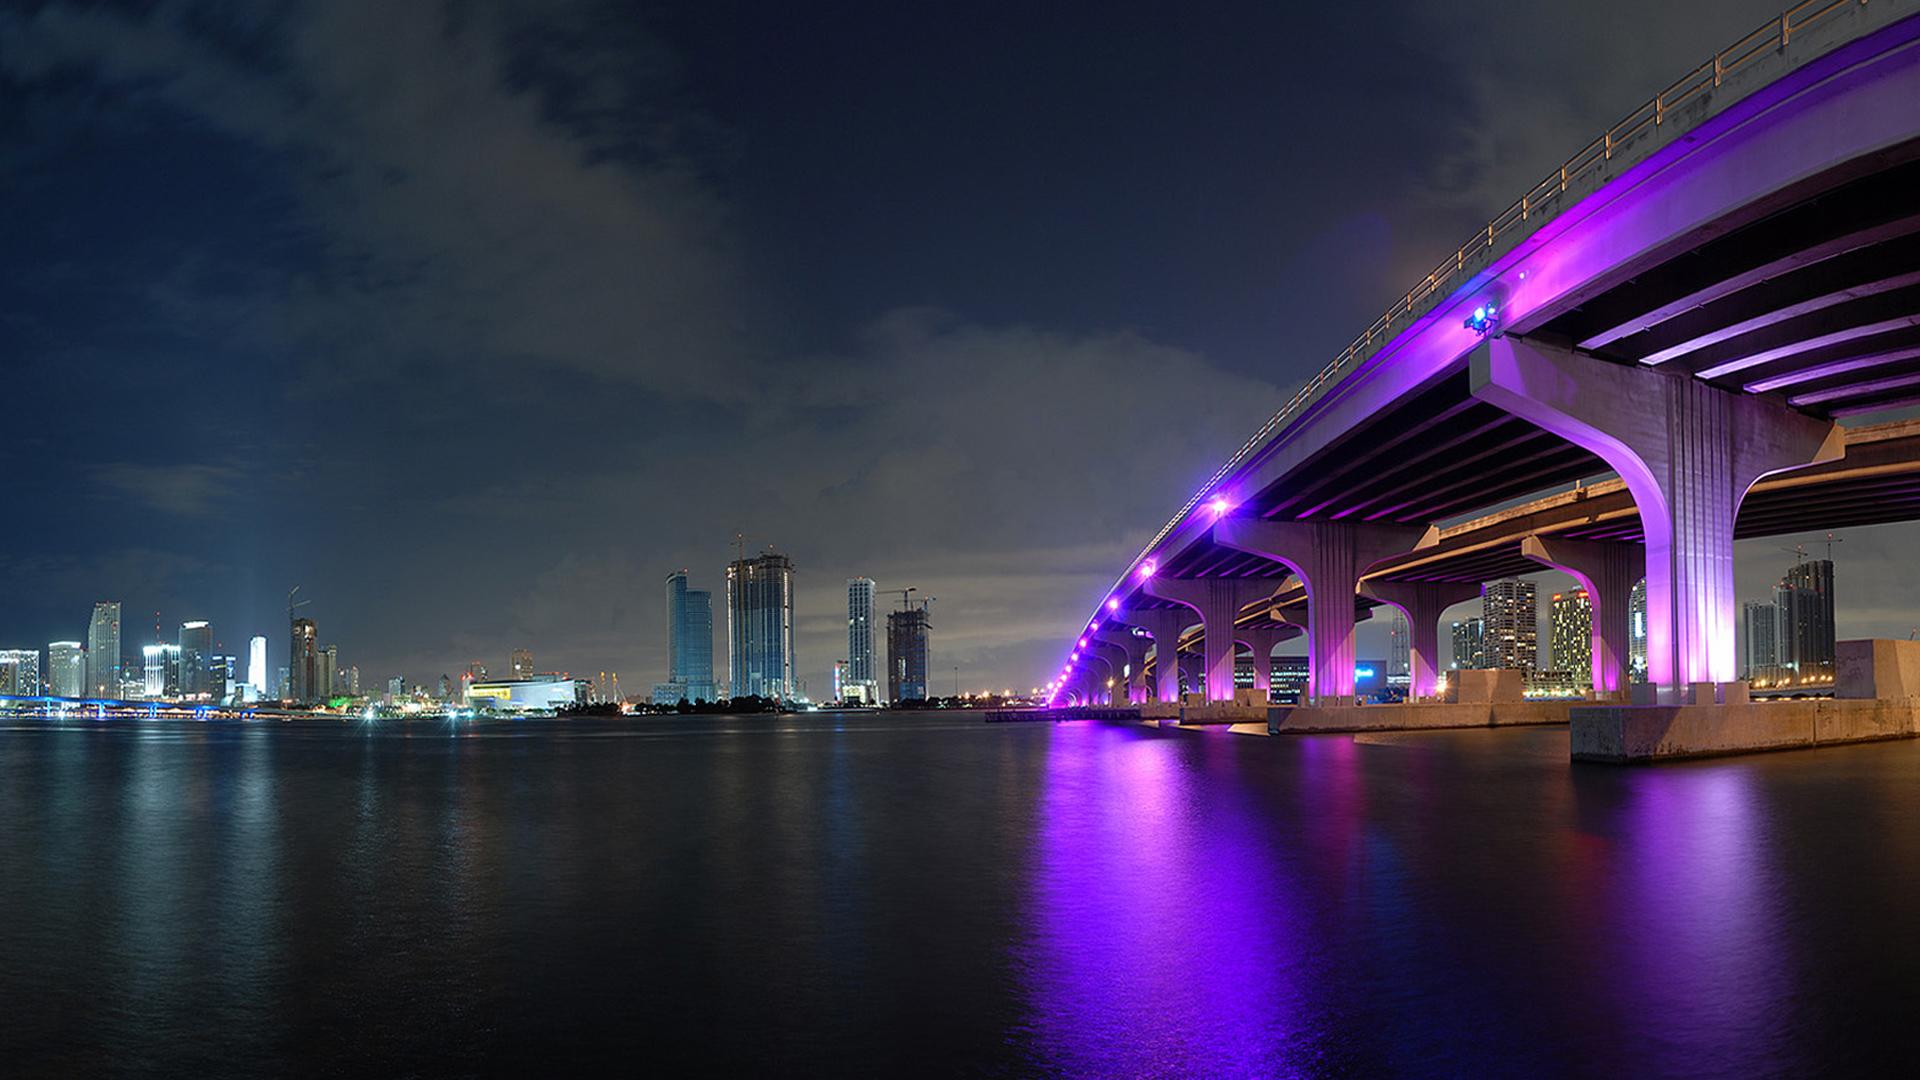 природа страны архитектура ночь река город мост  № 806756 без смс